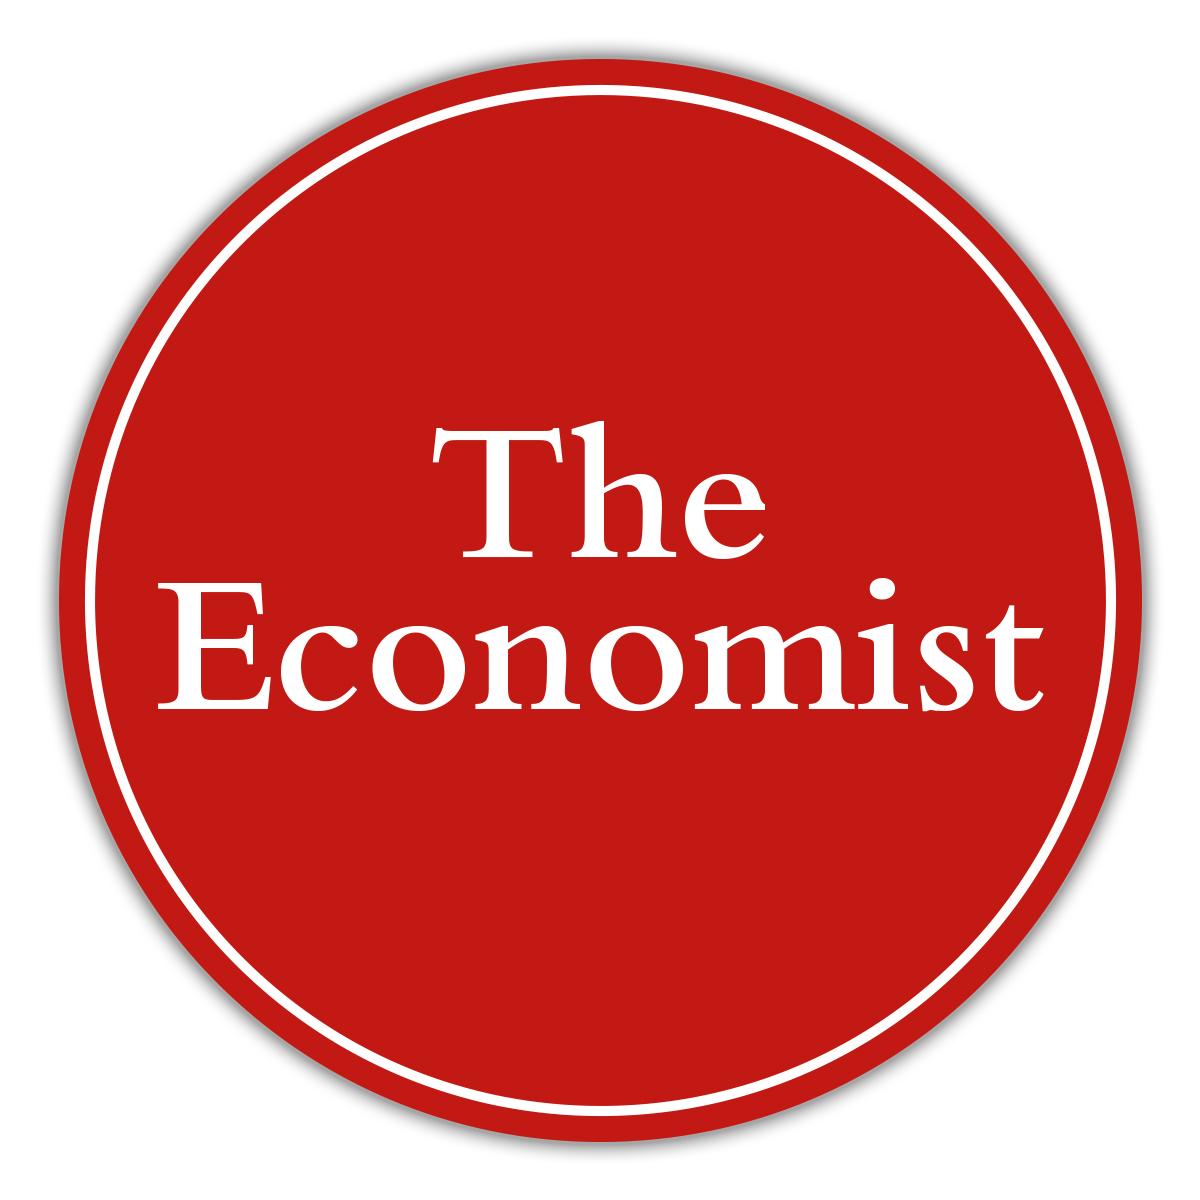 Innocence for Sale: Ethnic discrimination fuels a vile trade    The Economist  13 September 2007